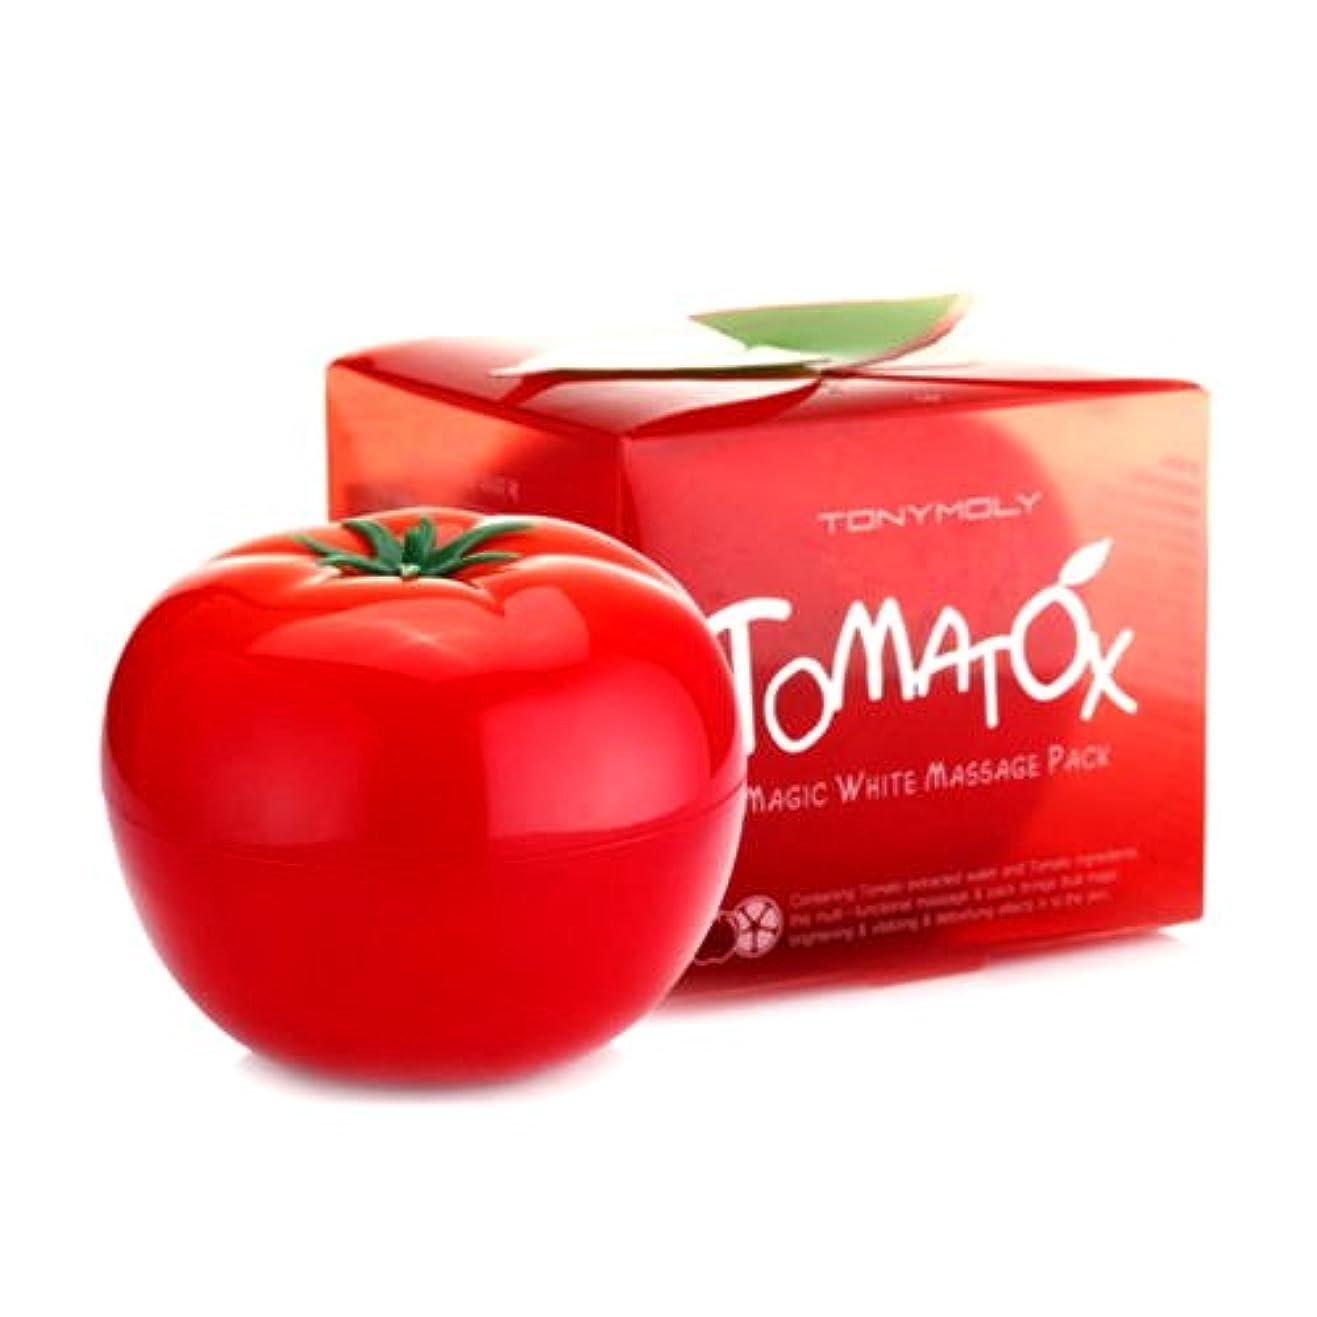 前部恐れる何でも(6 Pack) TONYMOLY Tomatox Magic Massage Pack (並行輸入品)